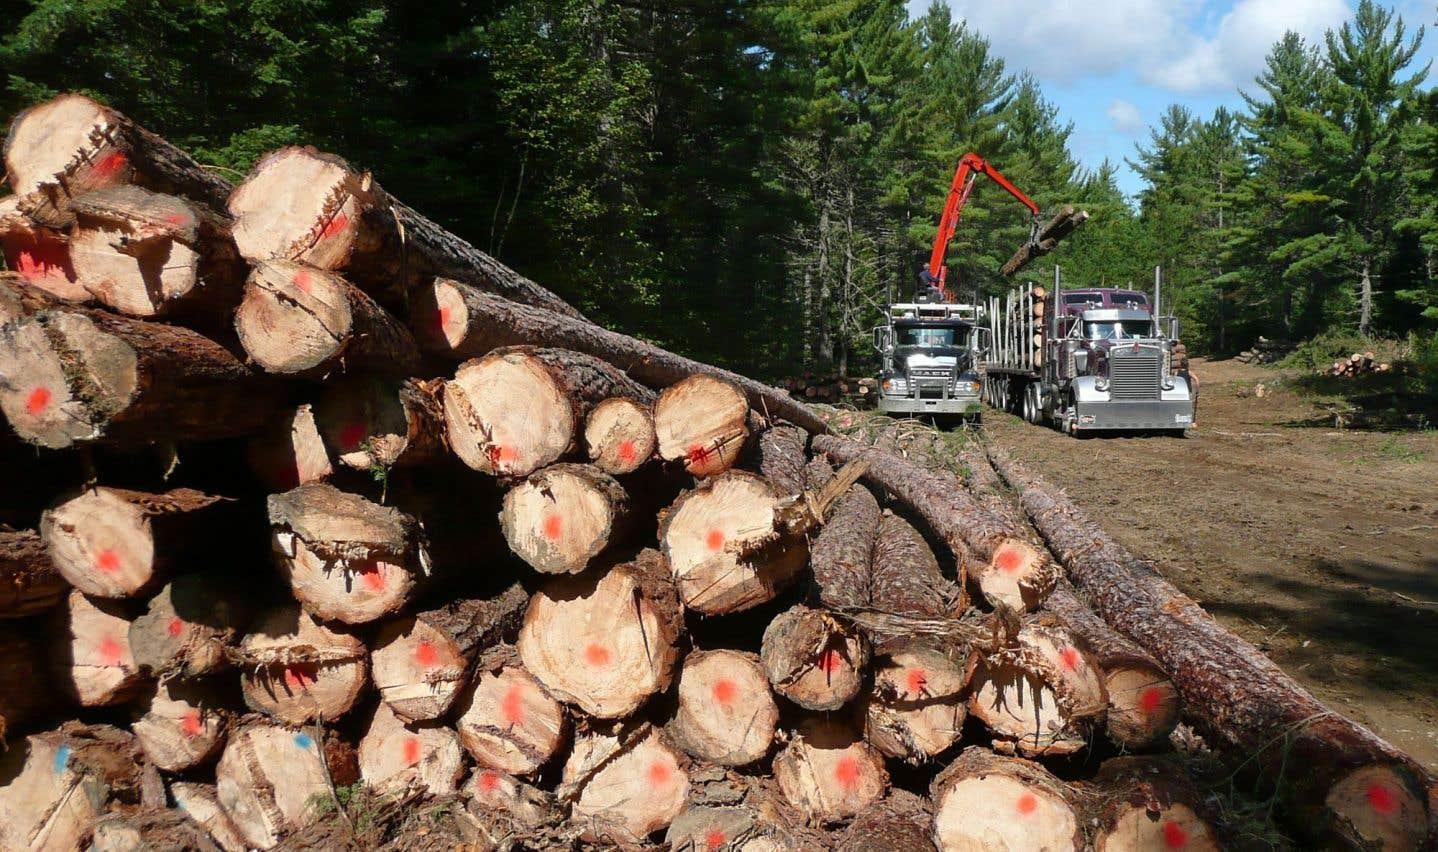 L'Union des municipalités du Québec dénonce vigoureusement la décision des États-Unis et presse Ottawade donner suite urgemment à la demande des partenaires forestiers du Québec d'accorder des garanties de prêts aux entreprises qui en subiront les contrecoups.